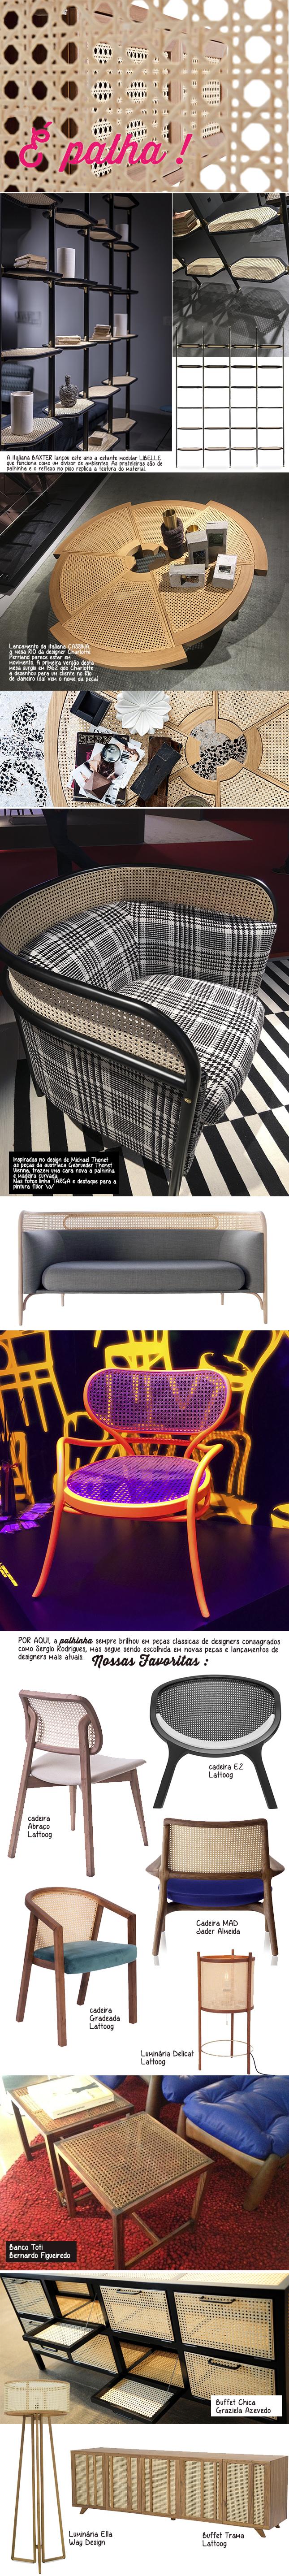 decoradornet-moveis-palha-tendencia-retro-blog-copyright